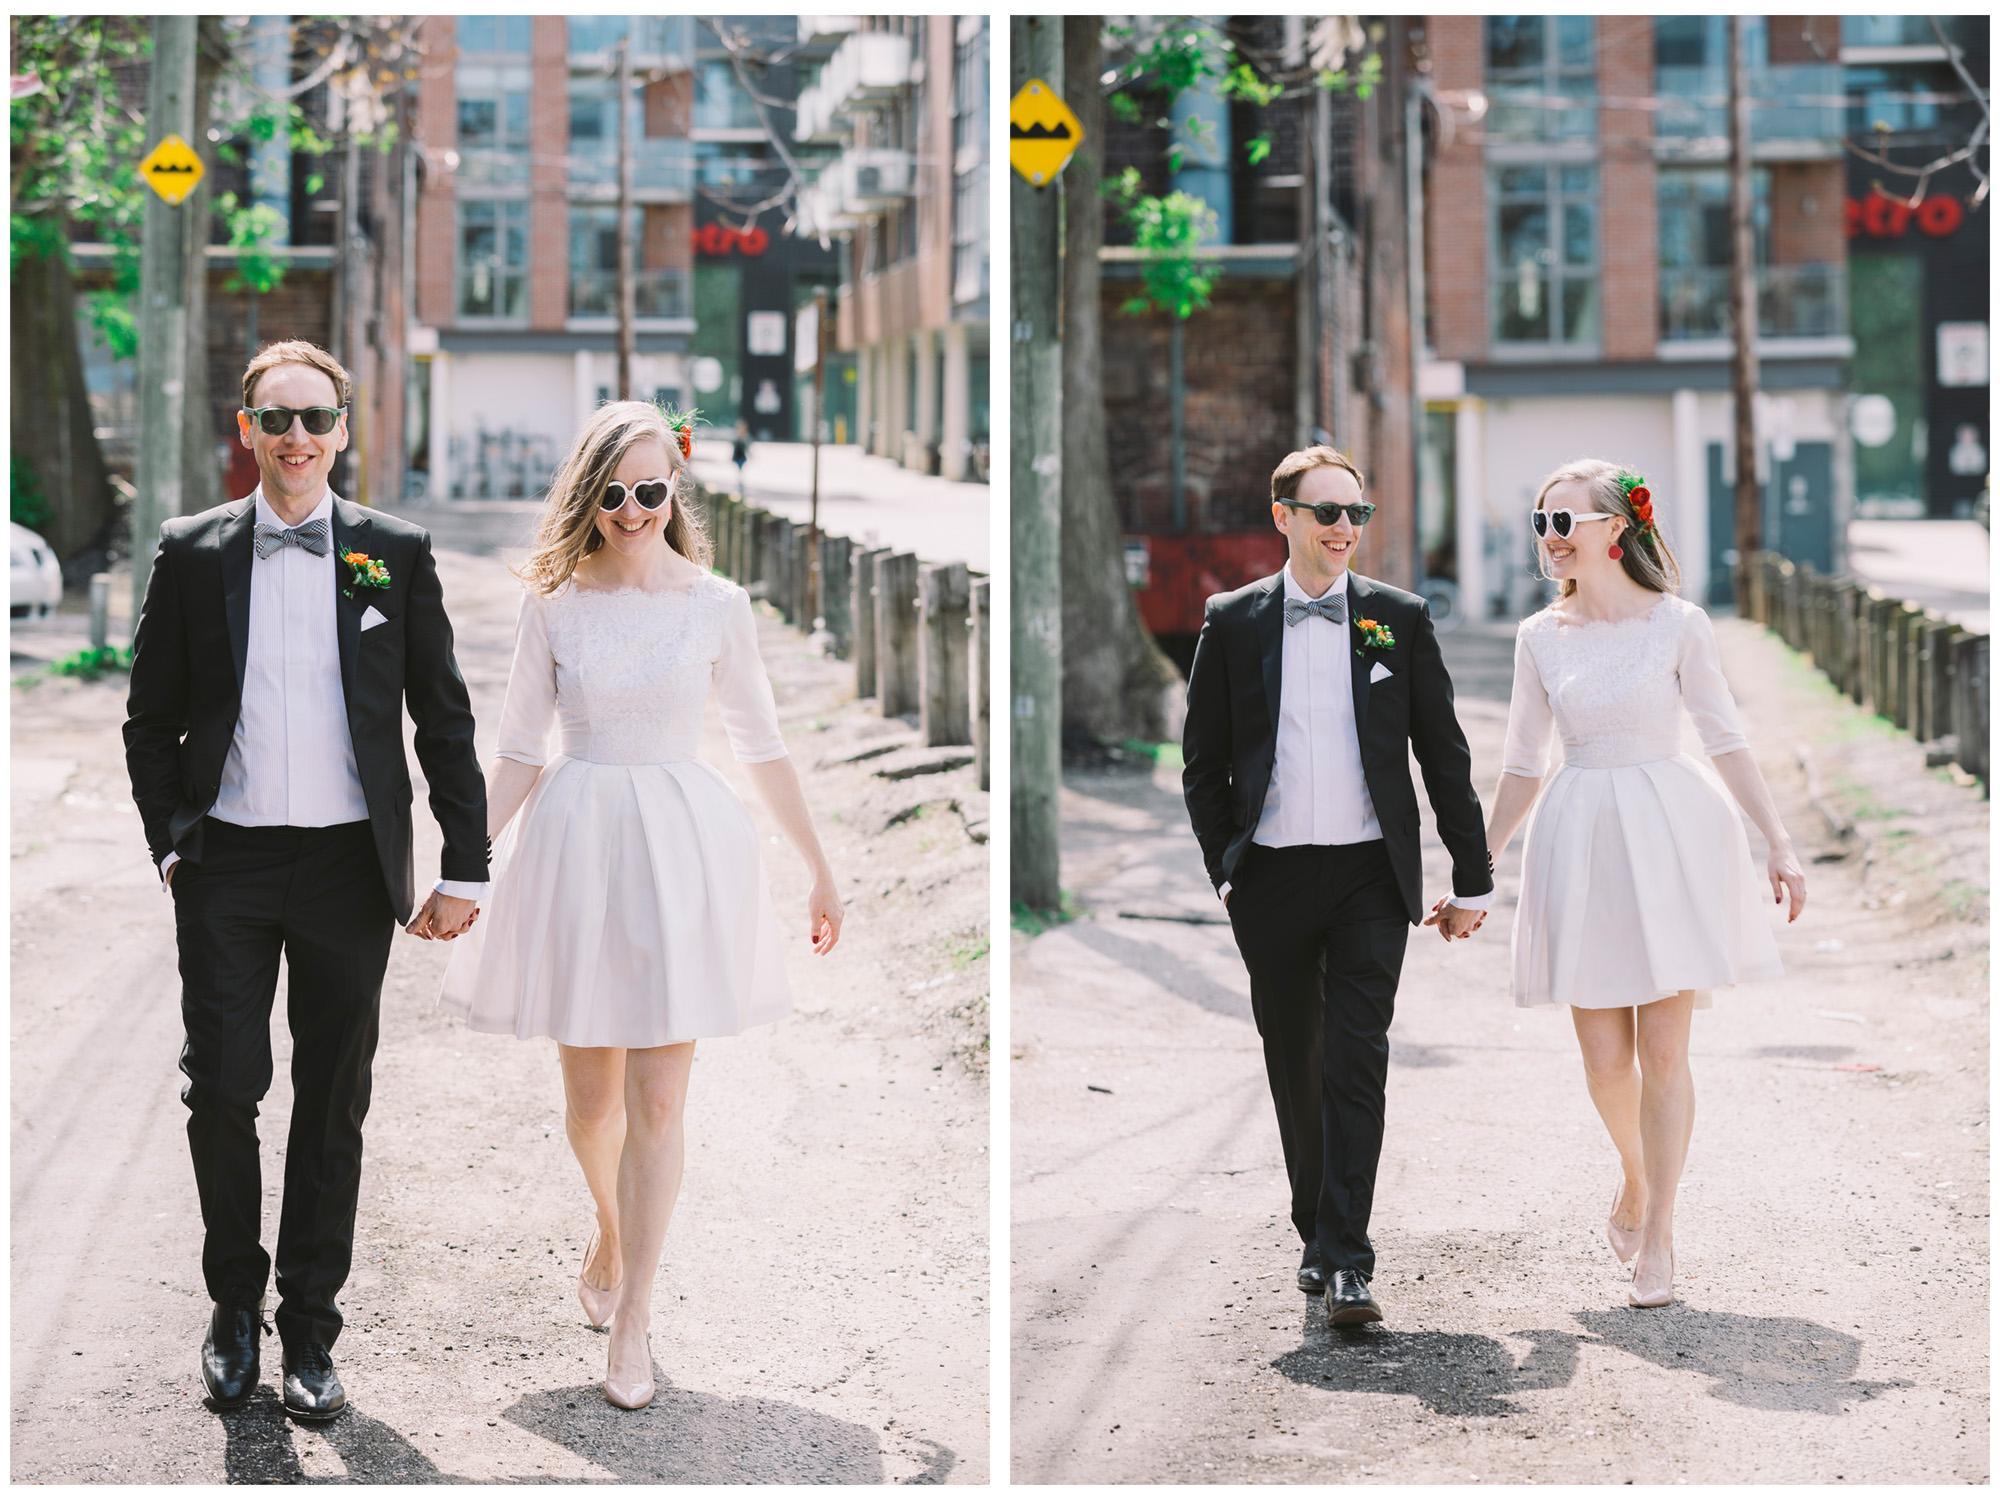 Wedding Couple Walking around Queen West Neighbourhood